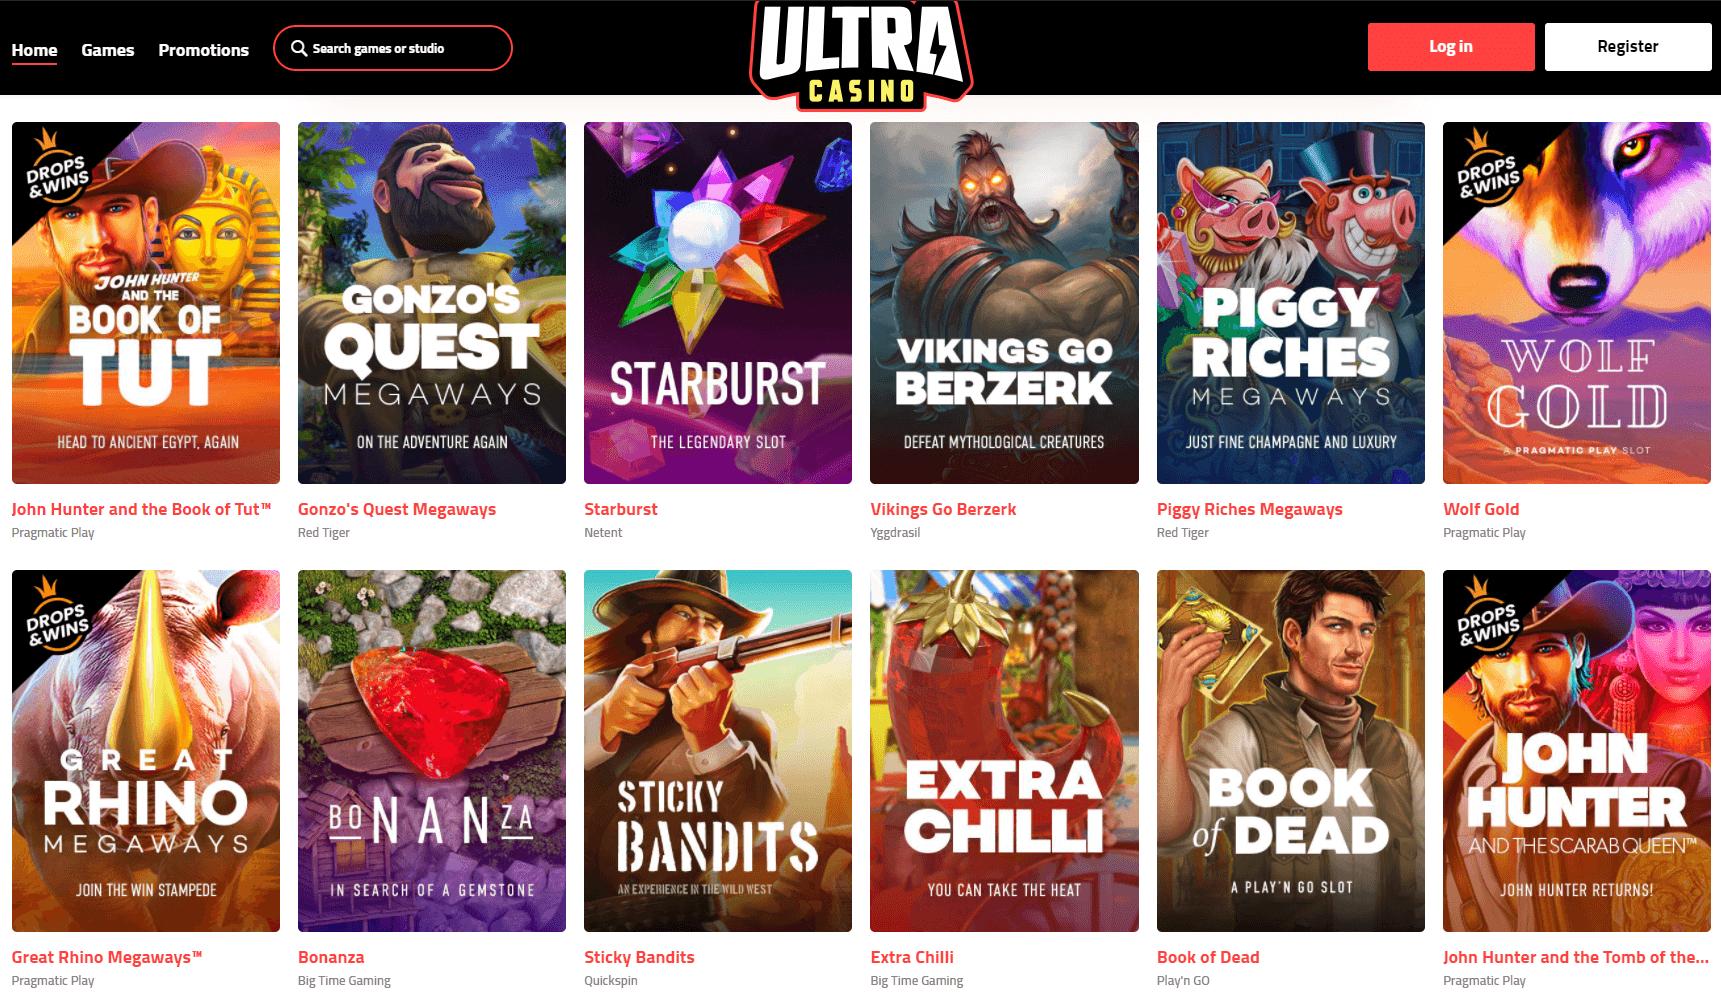 ultra casino slots lobby